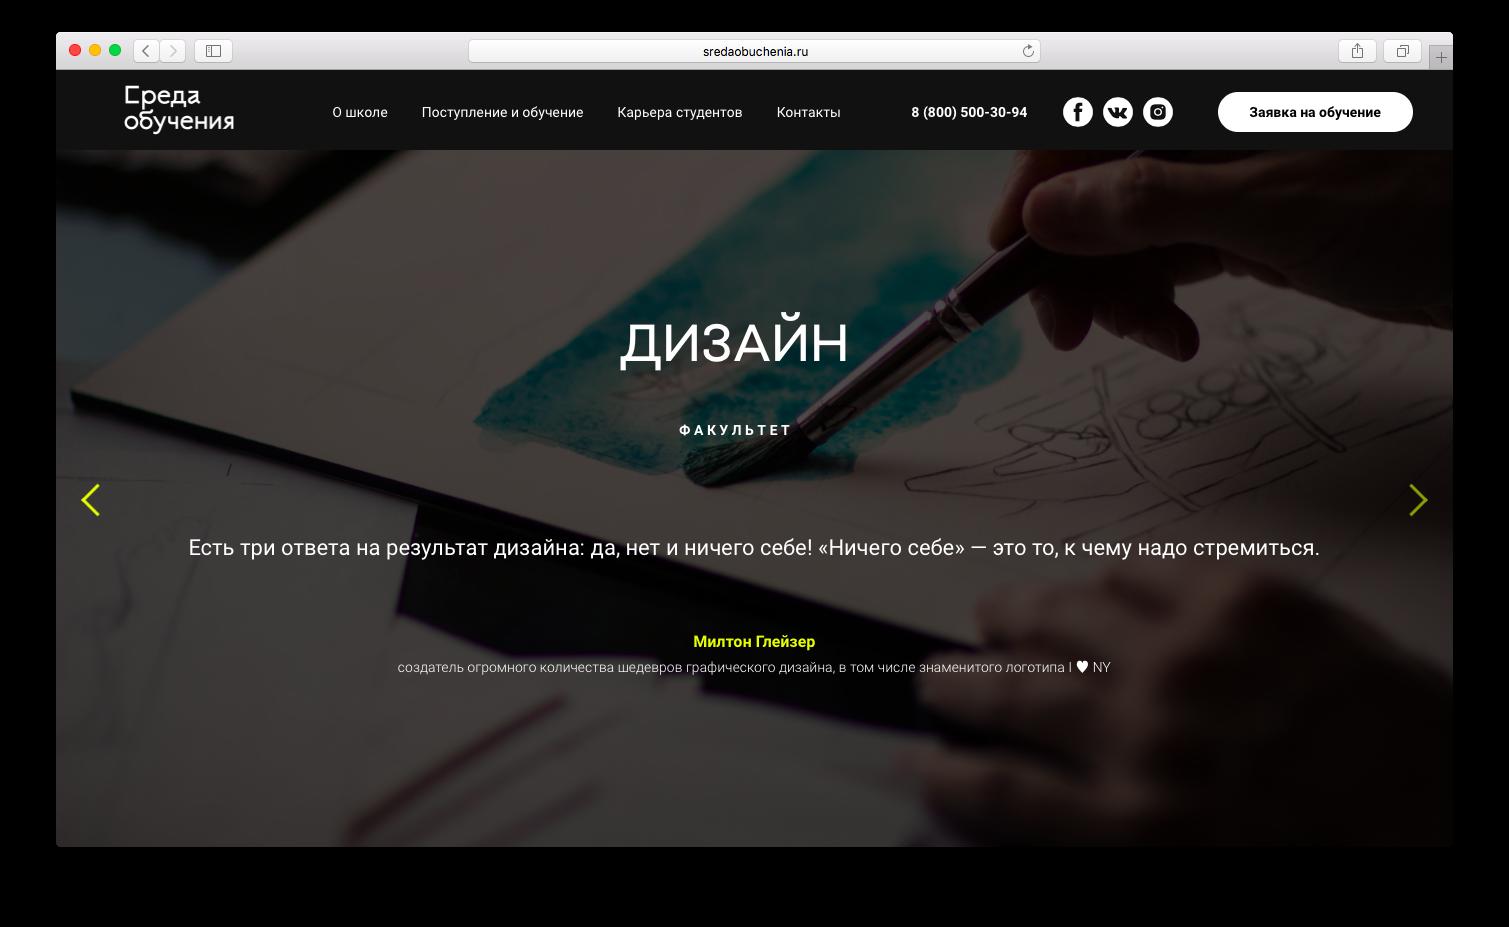 25 онлайн-курсов по веб и UX дизайну и программированию — подборка b72e2134e7b